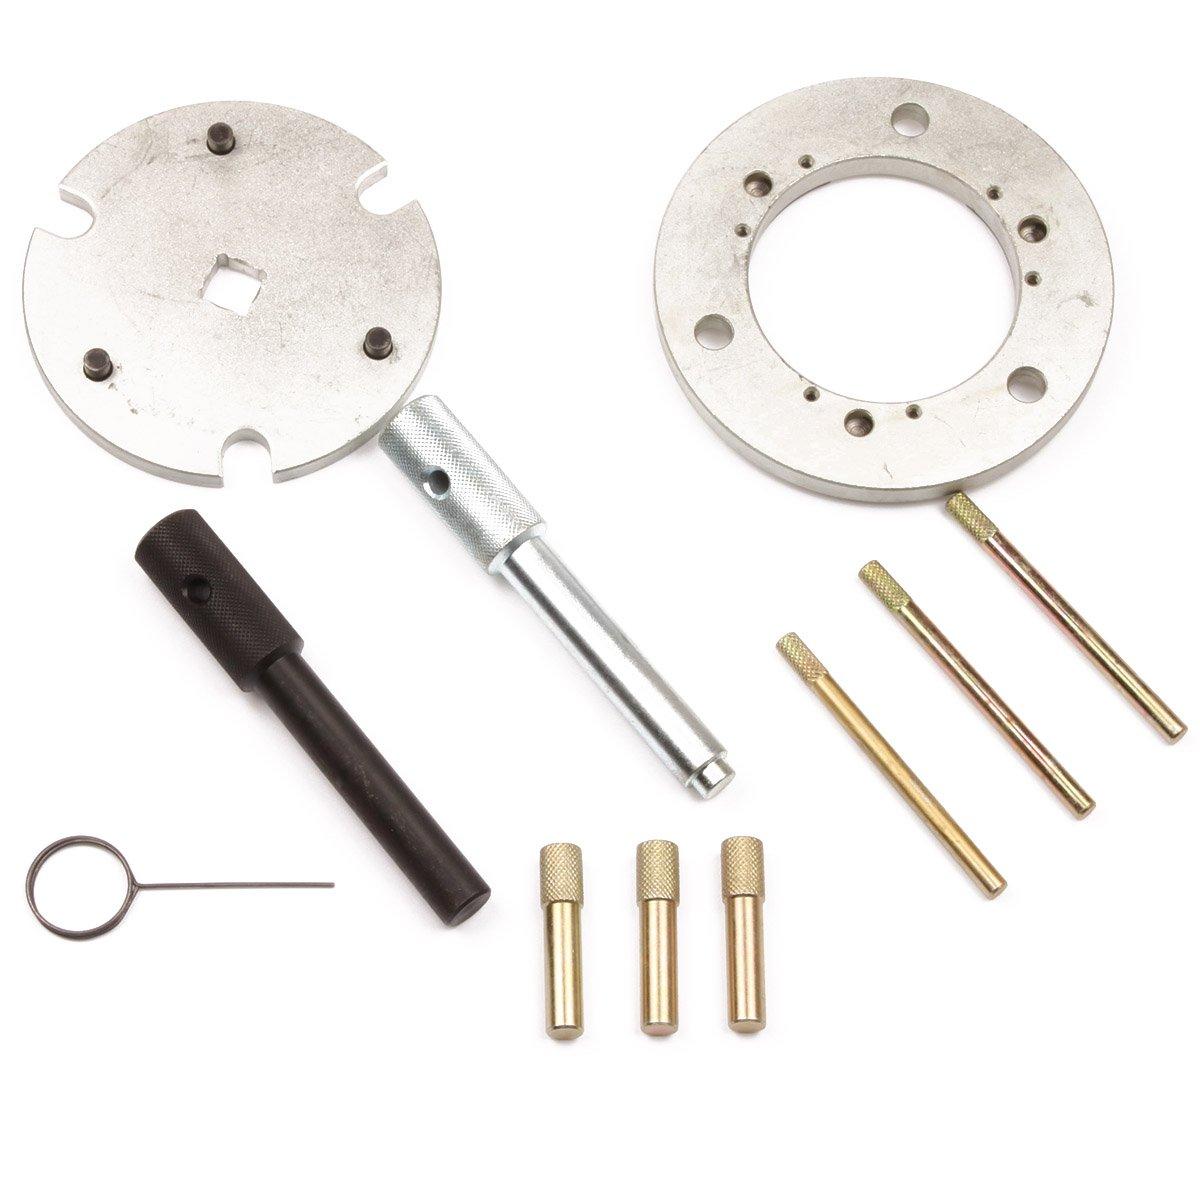 ctool Set de herramienta de bloqueo de ajuste de encendido de motor garaje para Mondeo para Ford: Amazon.es: Coche y moto